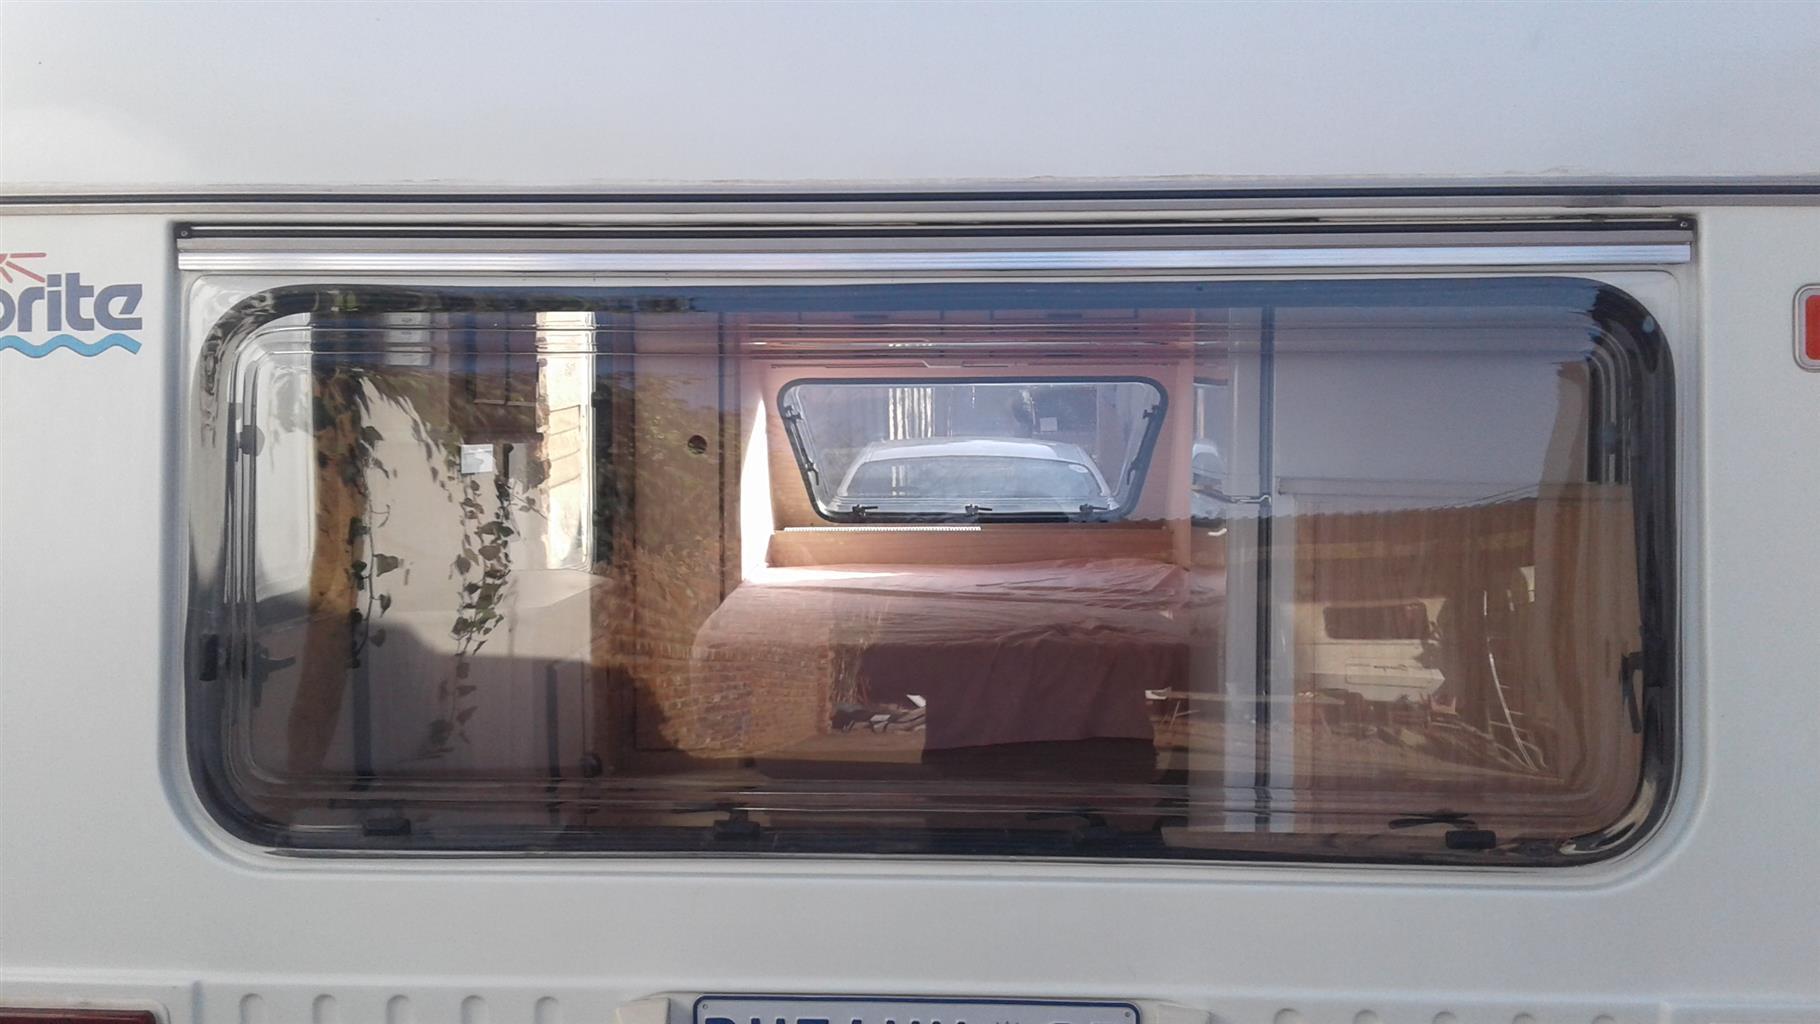 Woonwa ruite / Caravan Windows Ons vervaardig woonwa ruite